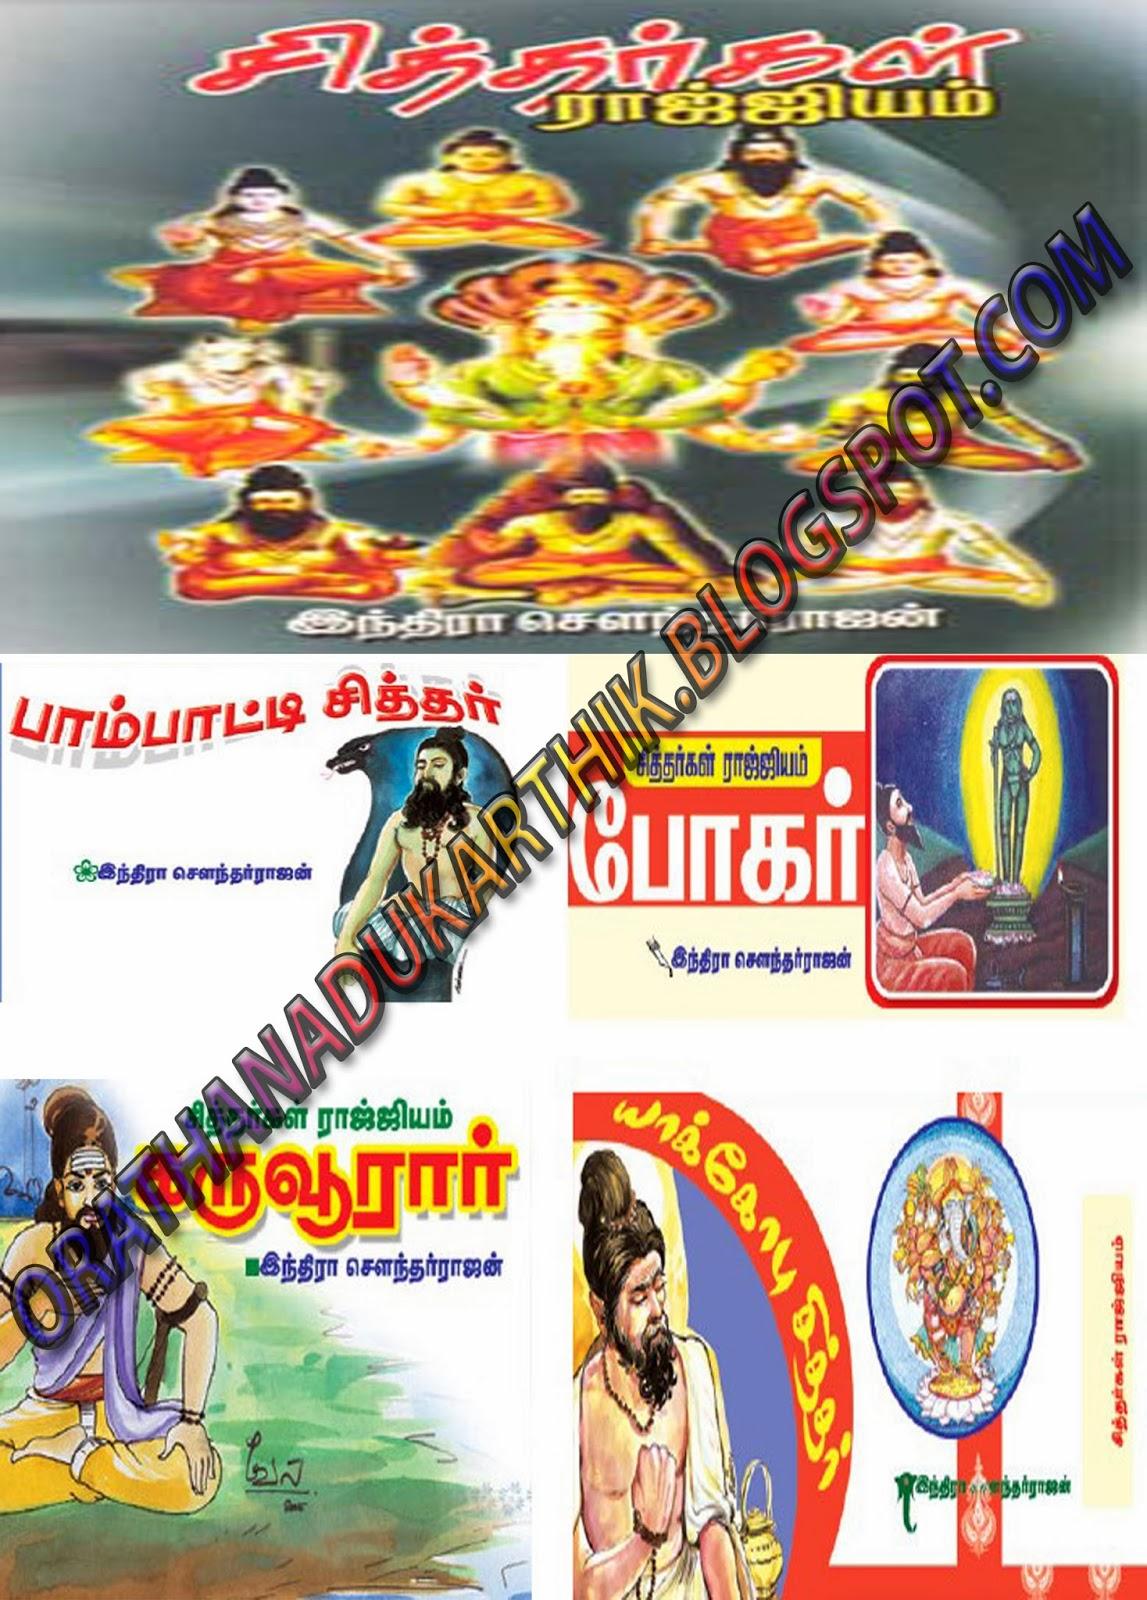 சித்தர்கள் ராஜ்ஜியம்-இந்திரா சௌந்தர்ராஜன்  Ssithargal